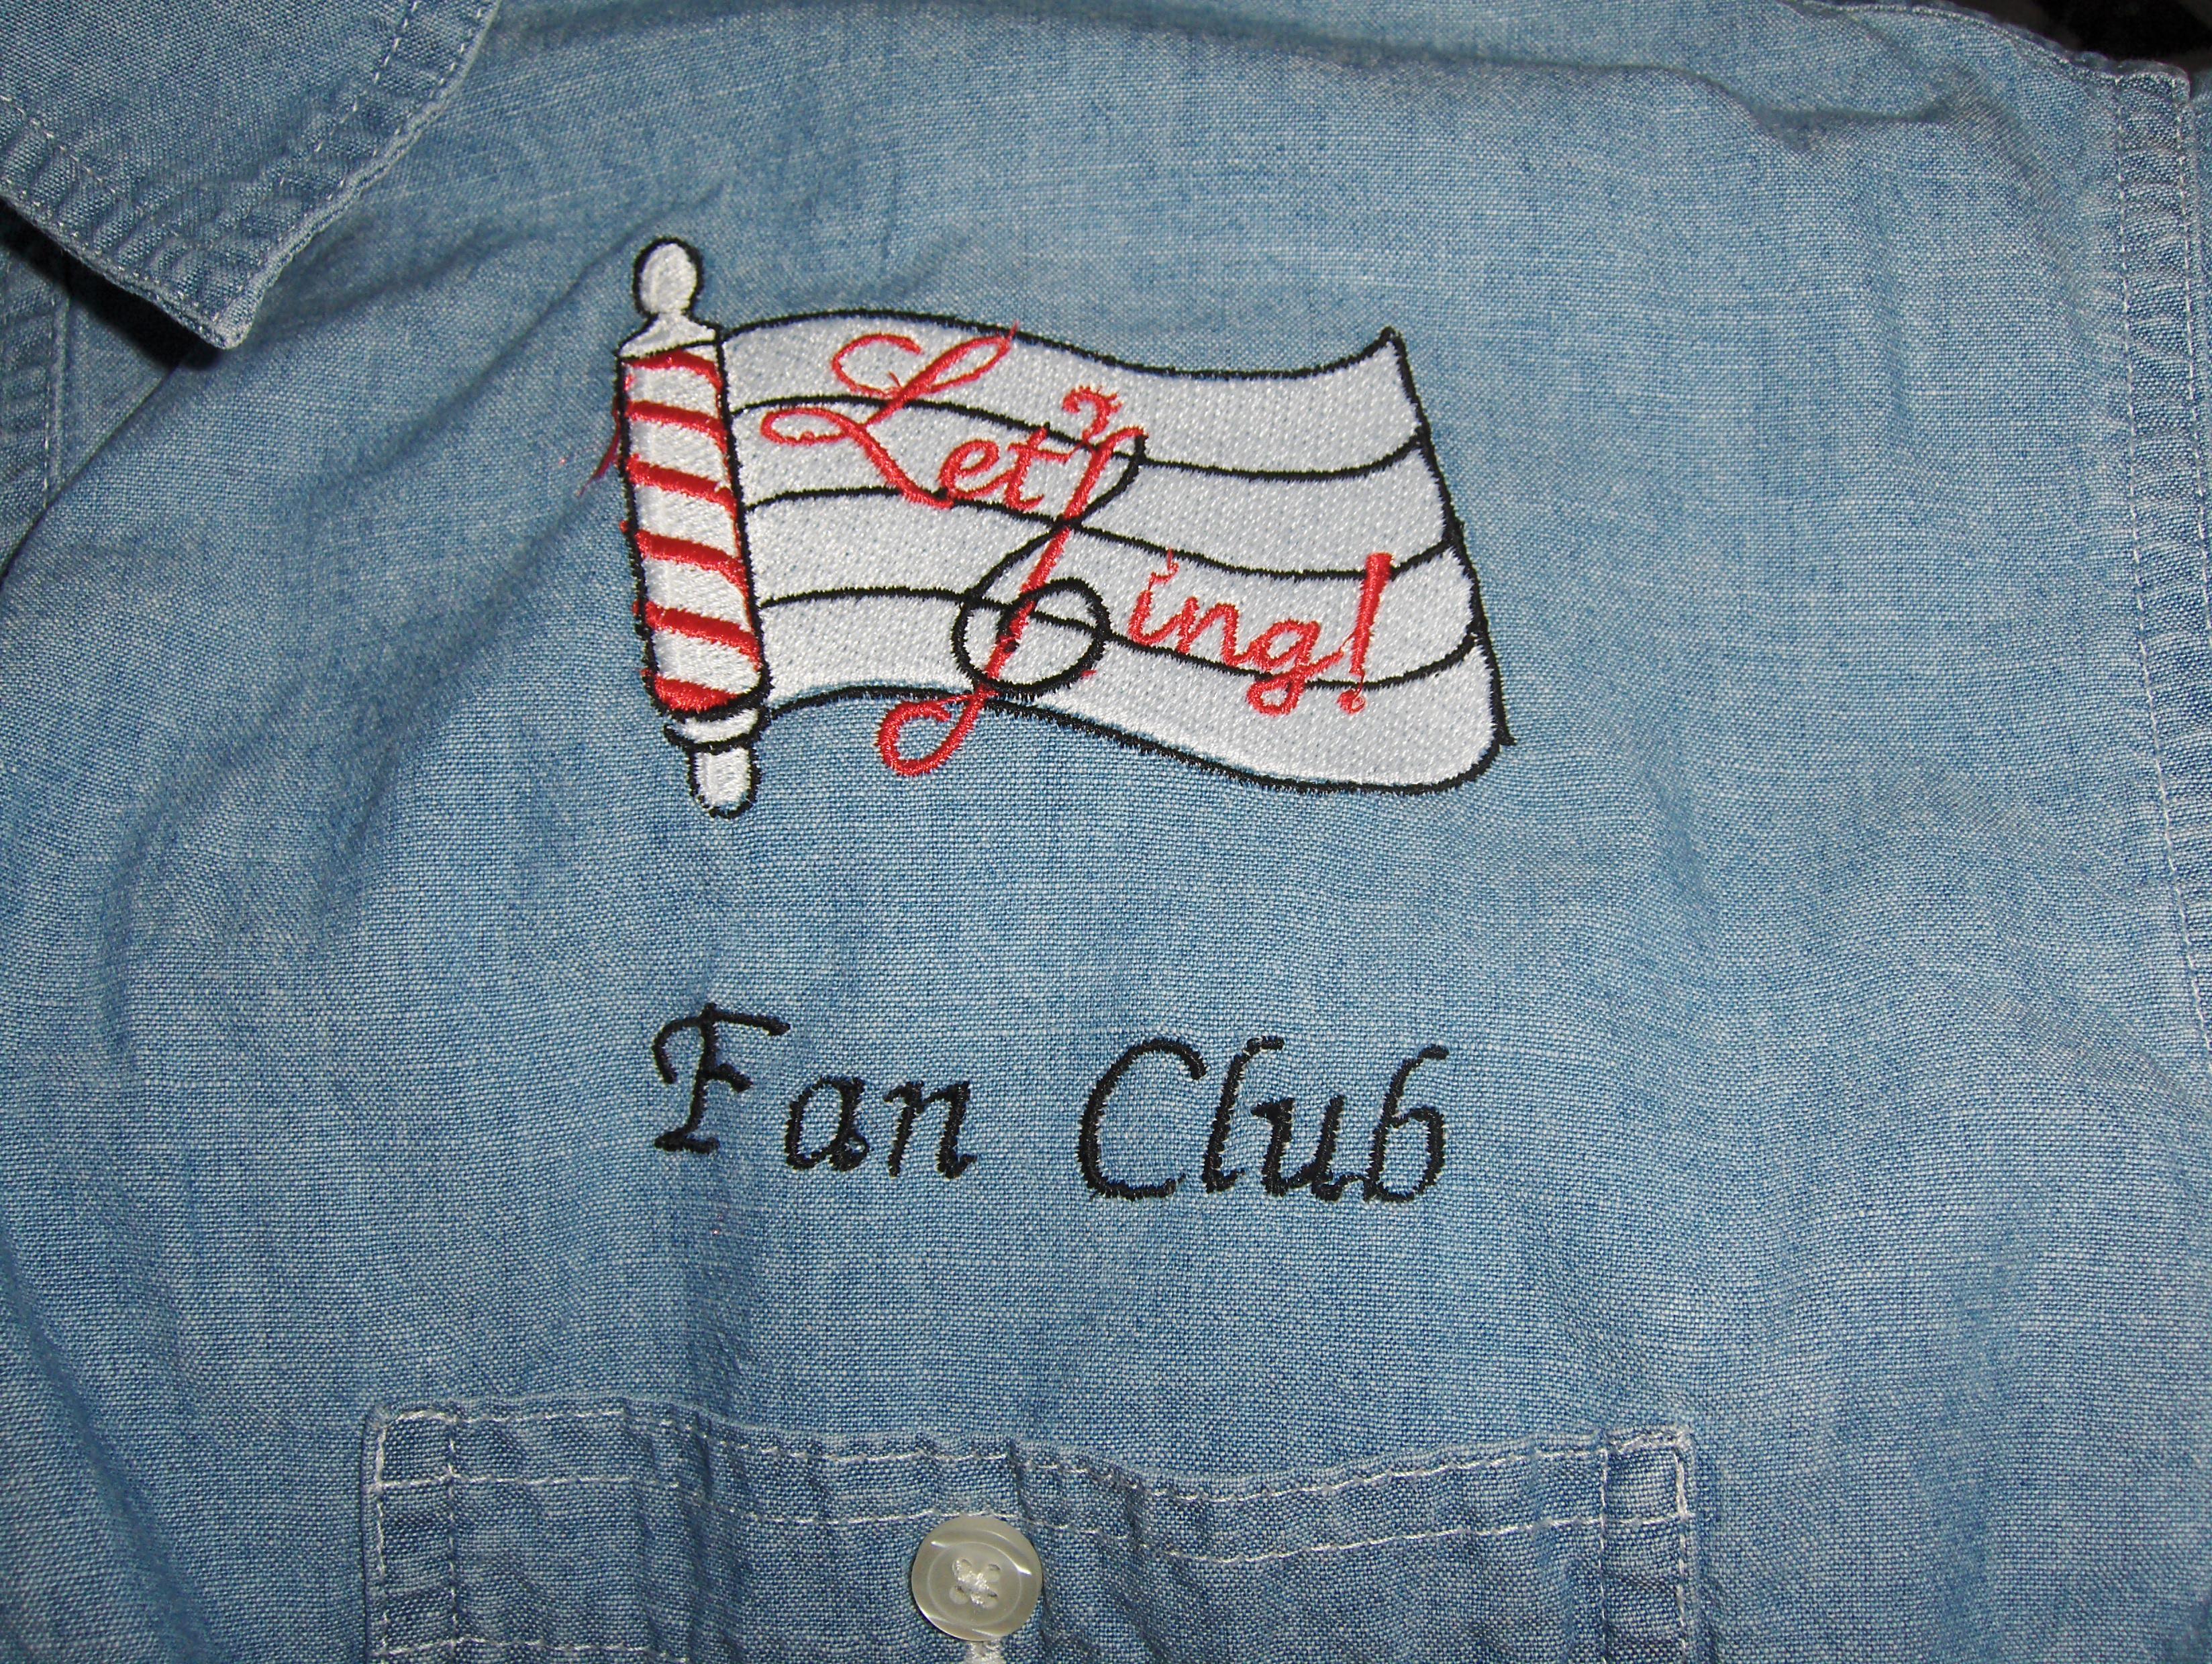 LetsSingFanClub